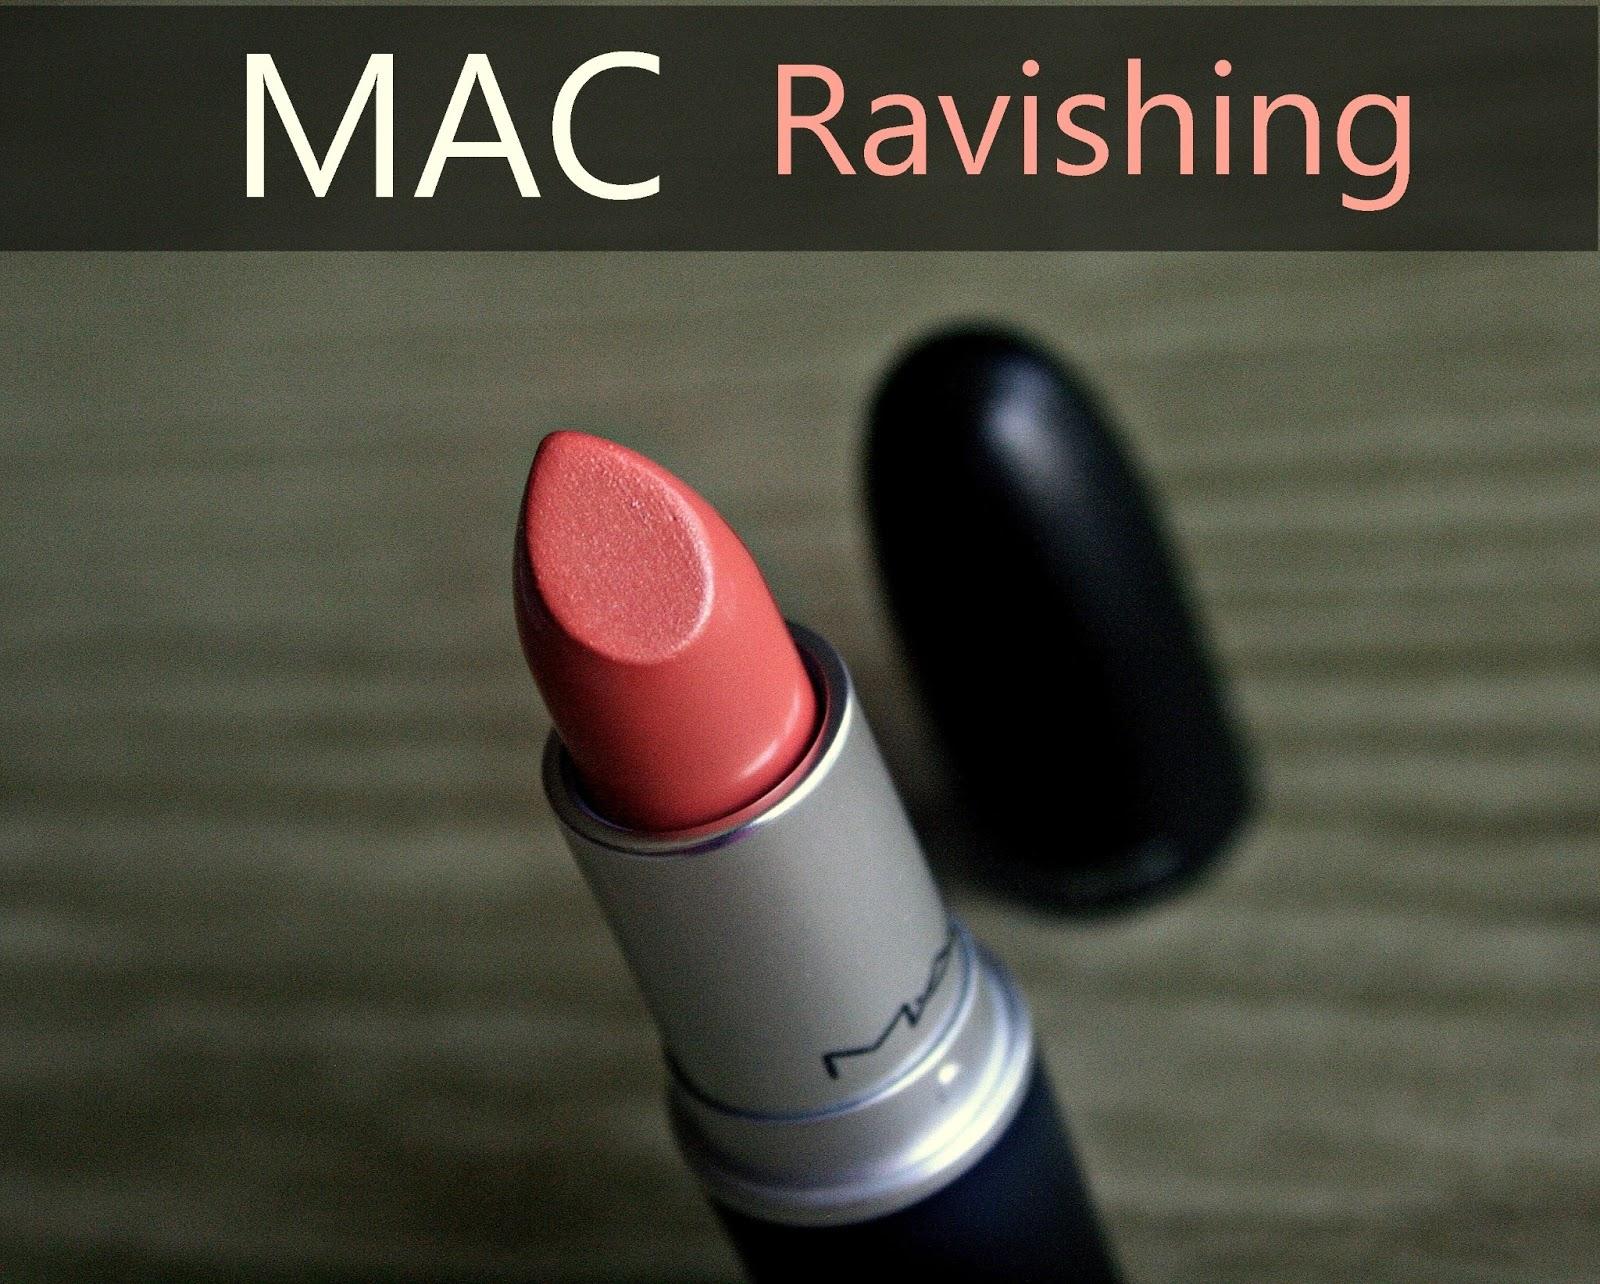 Makeup, Beauty and More: MAC Ravishing Lipstick